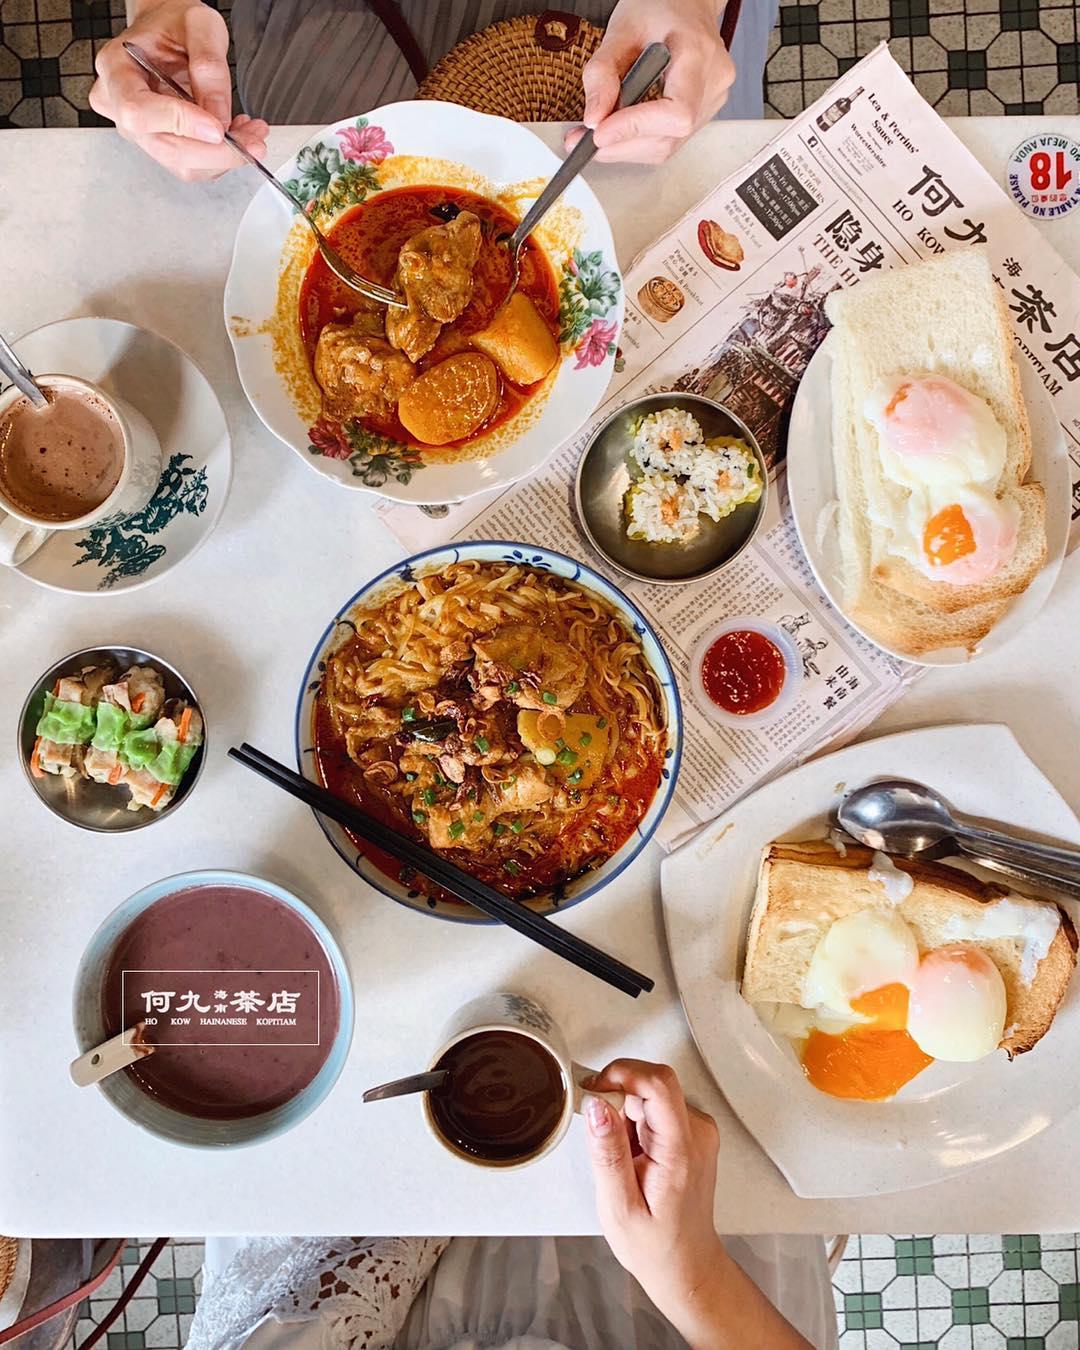 吉隆坡早餐好去处!这些近百年老店,你都吃过了吗? - 生活- 热辣网